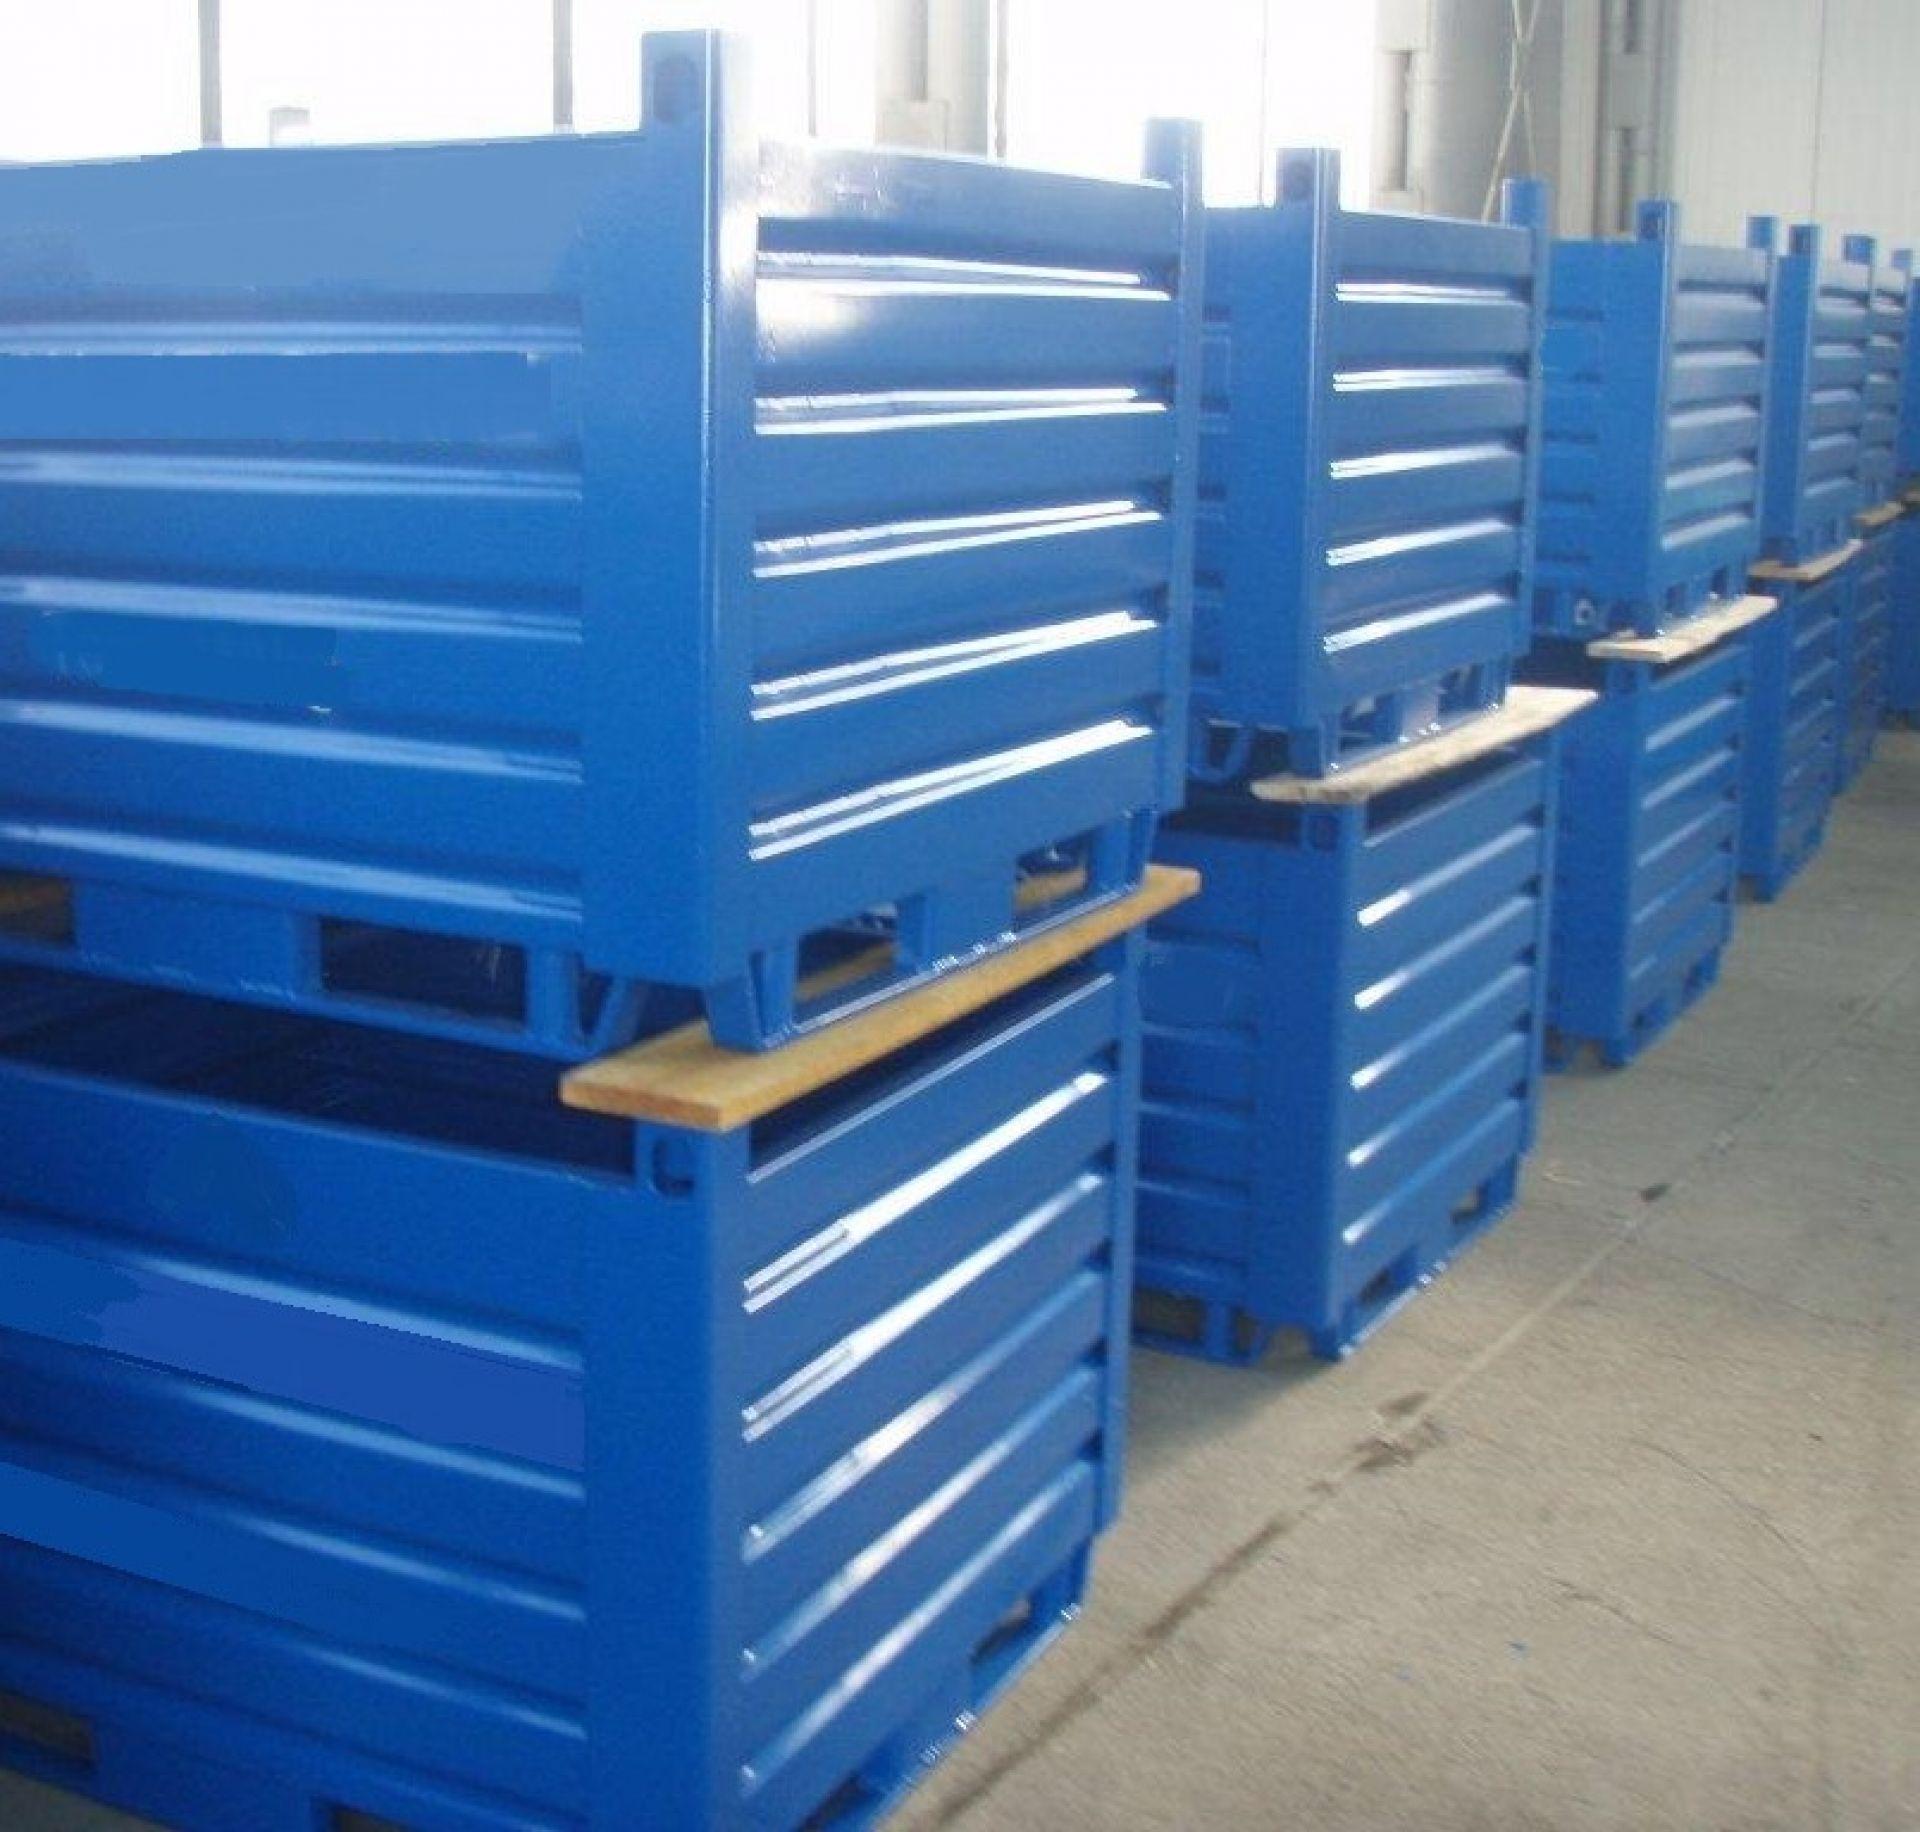 Sonderbehälter für Metallspäne mit Ablauflöchern